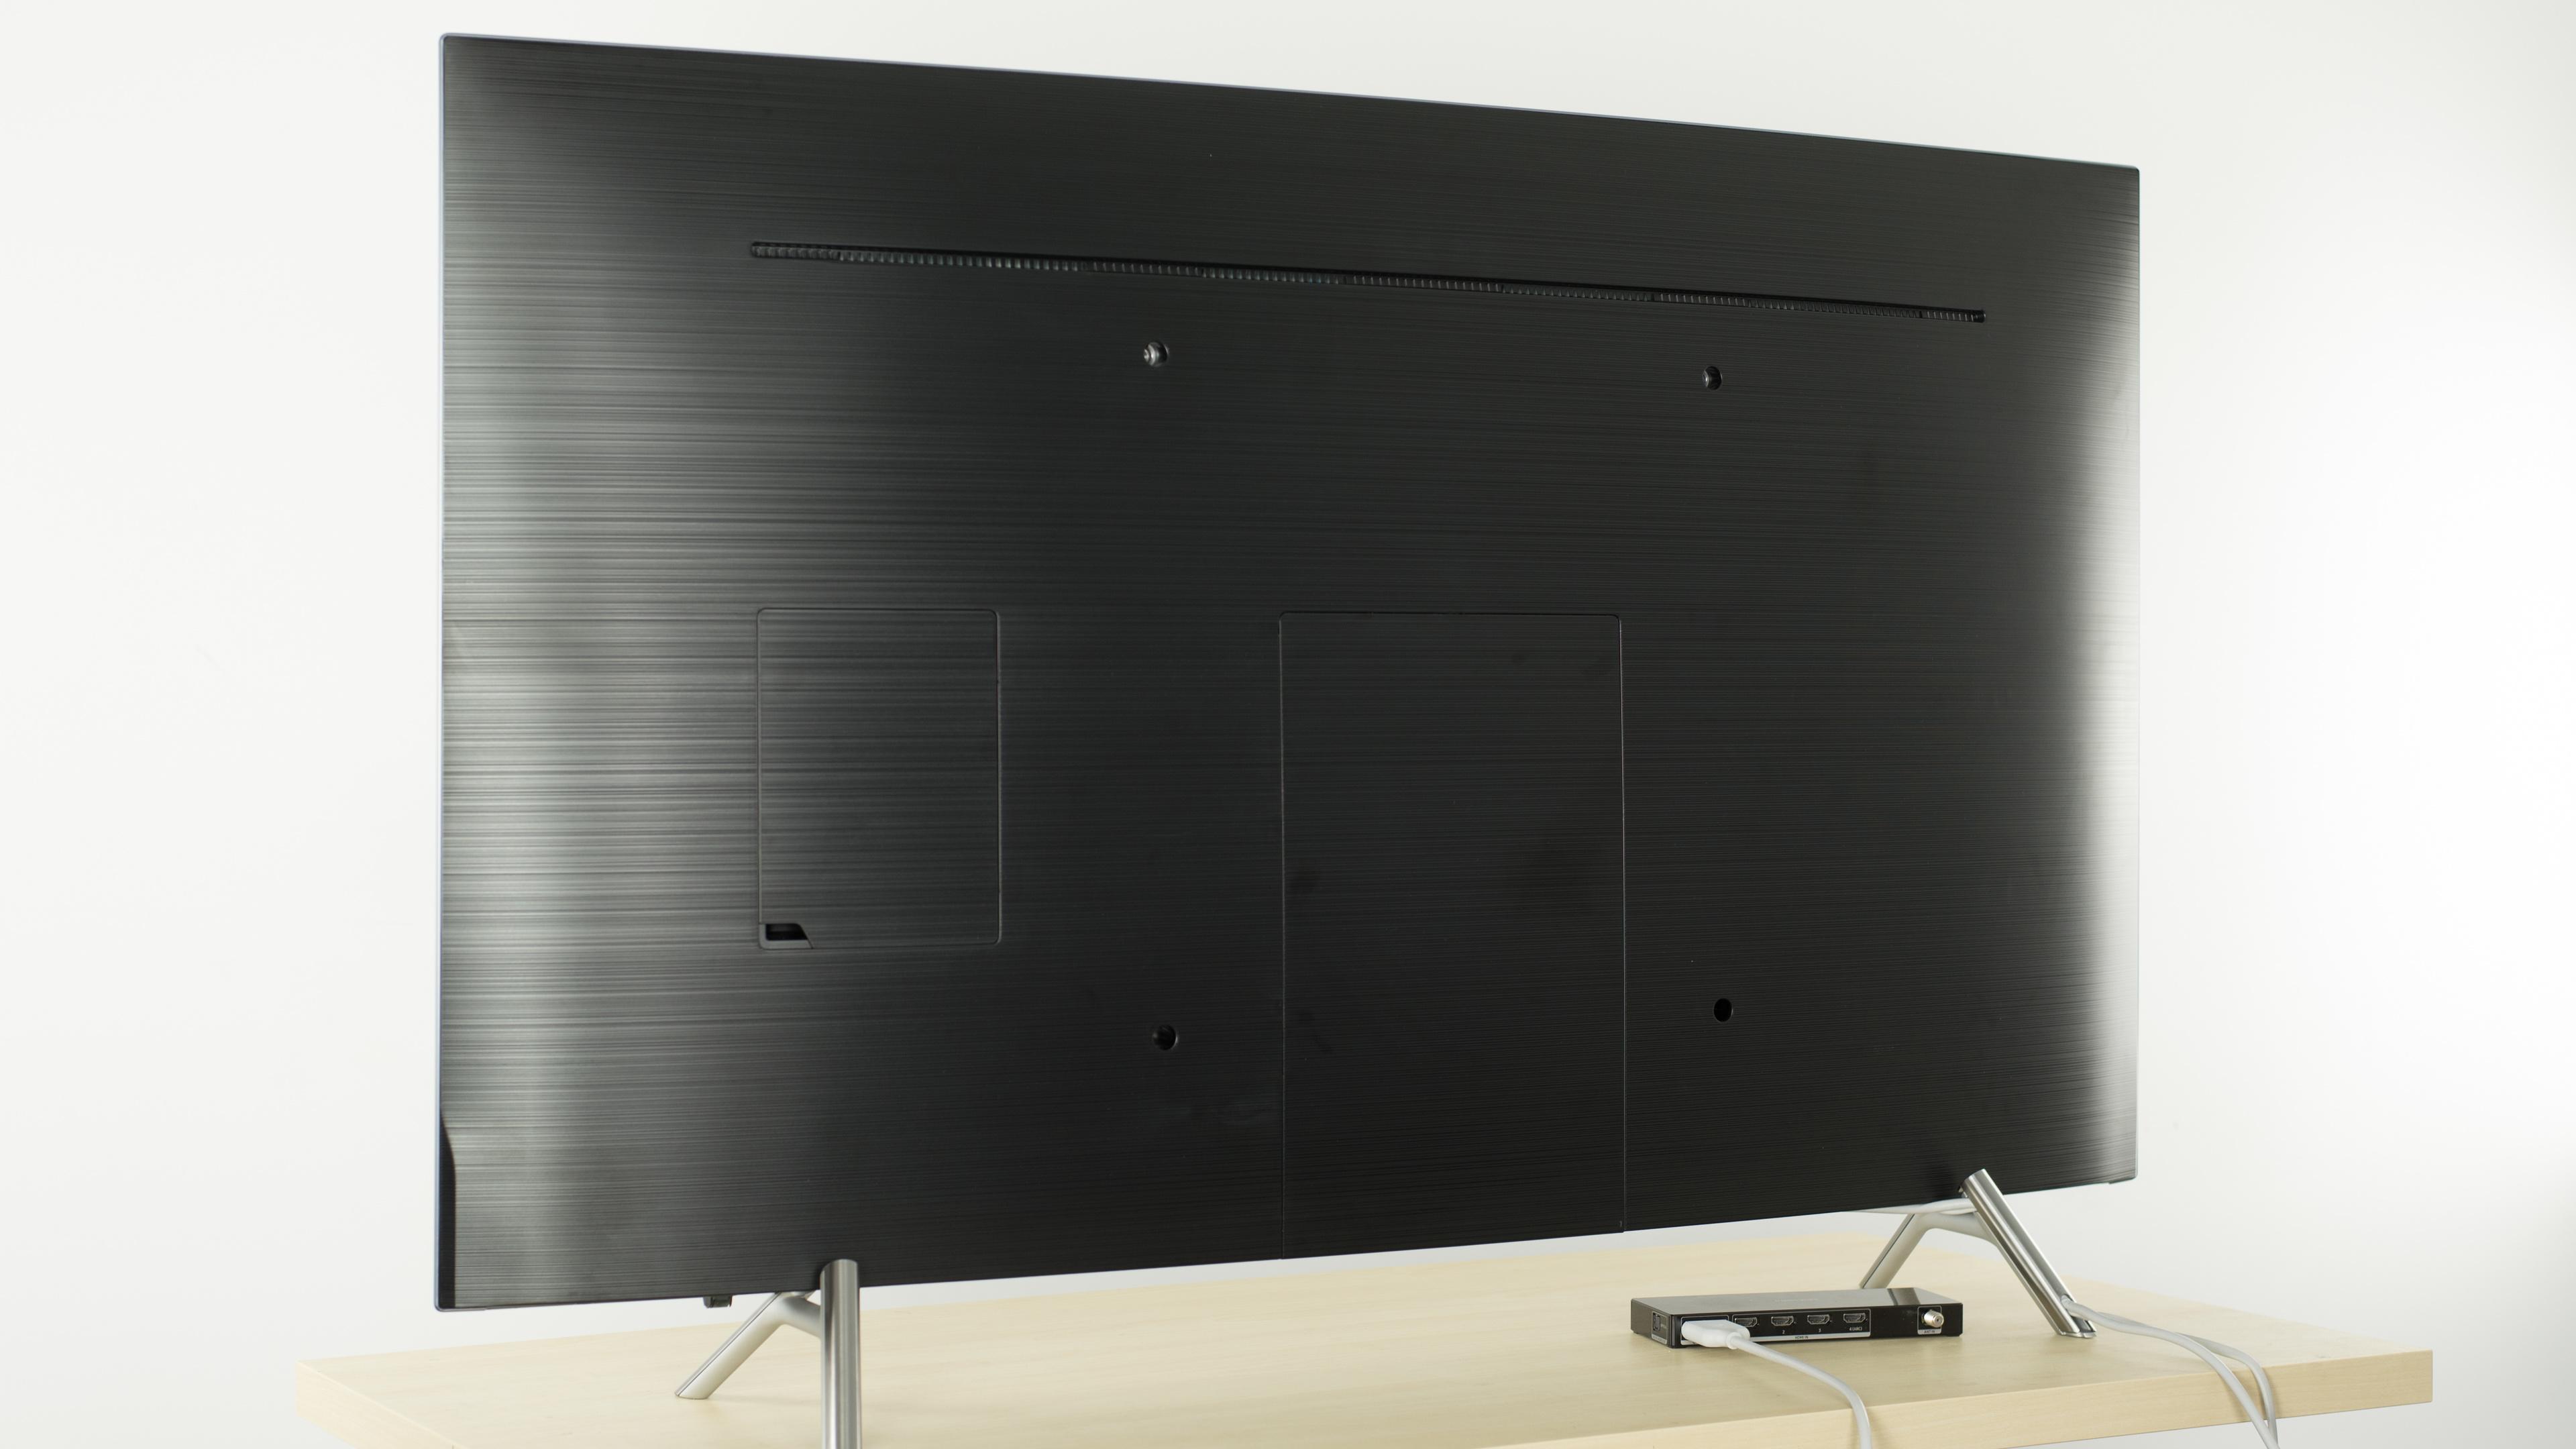 Samsung Mu8500 Review Un55mu8500 Un65mu8500